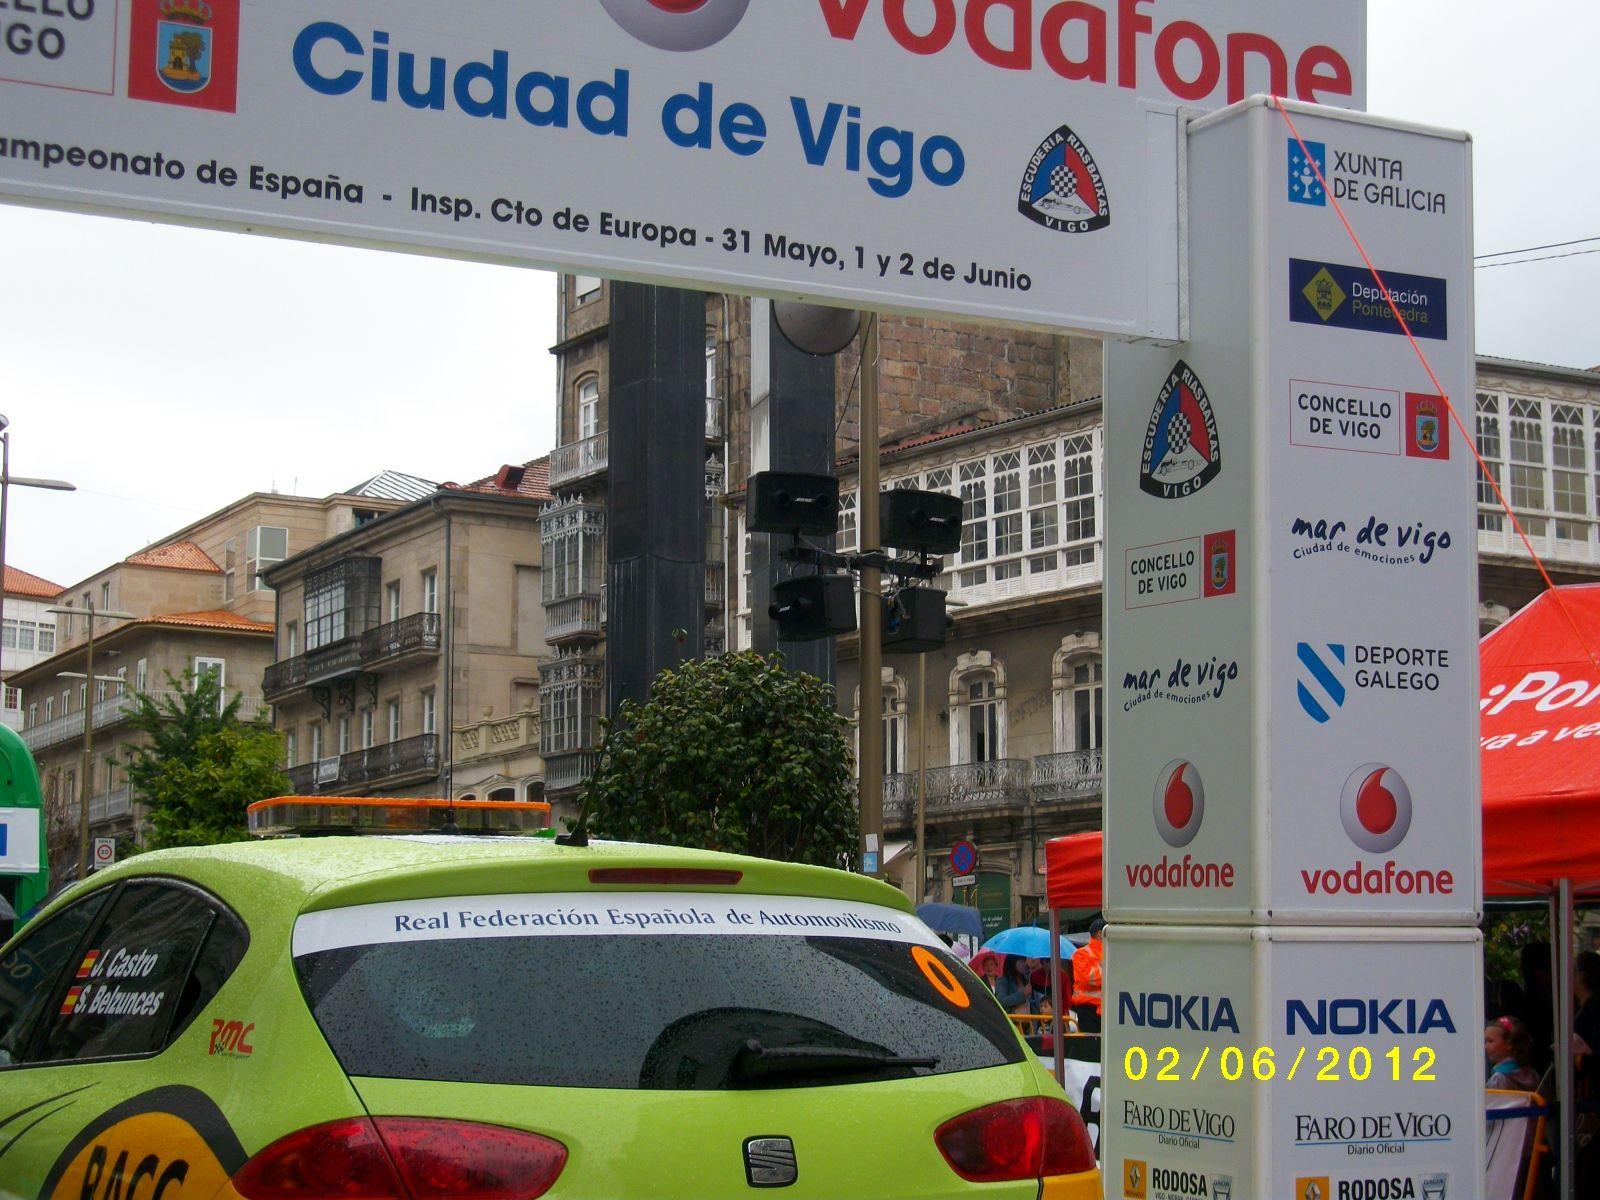 Entrega de Trofeos Rally Rias Baixas